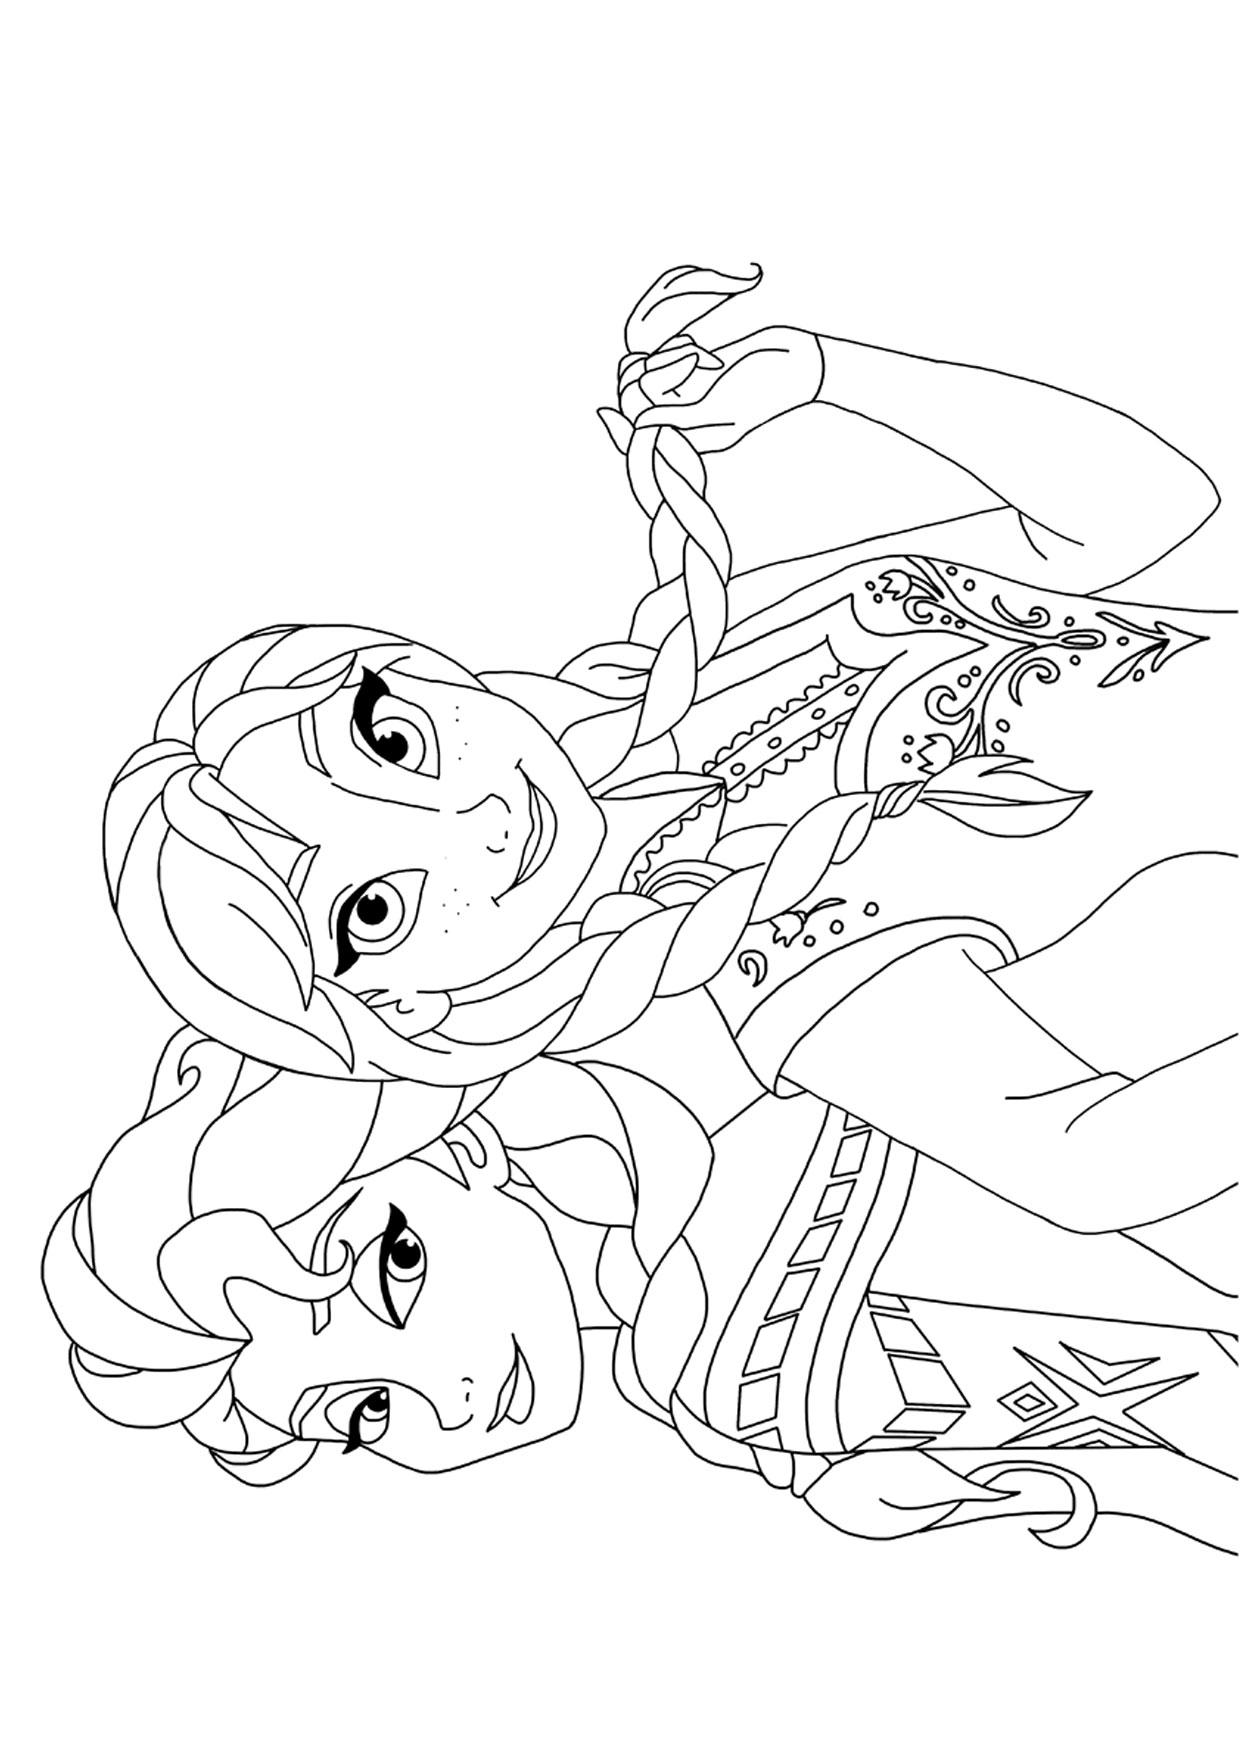 Disegno Frozen 2 da colorare 05